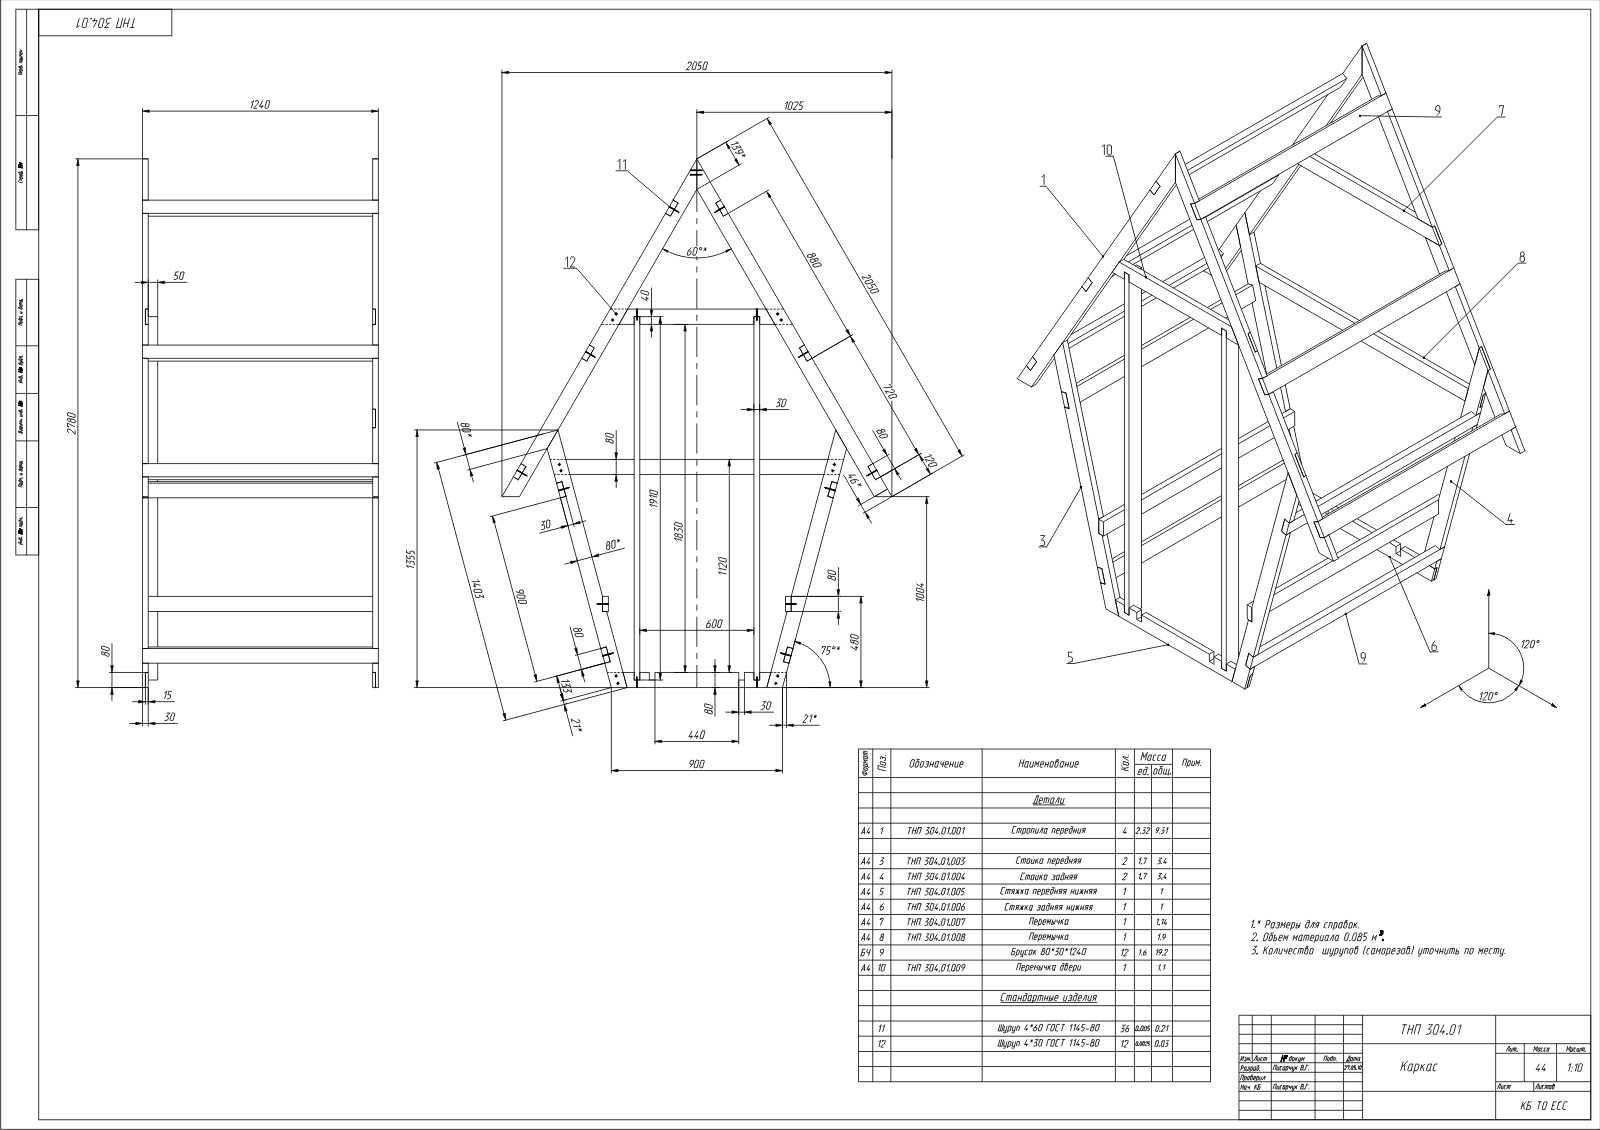 Домик из фанеры своими руками — чертежи, схемы и советы по строительству для детей и взрослых